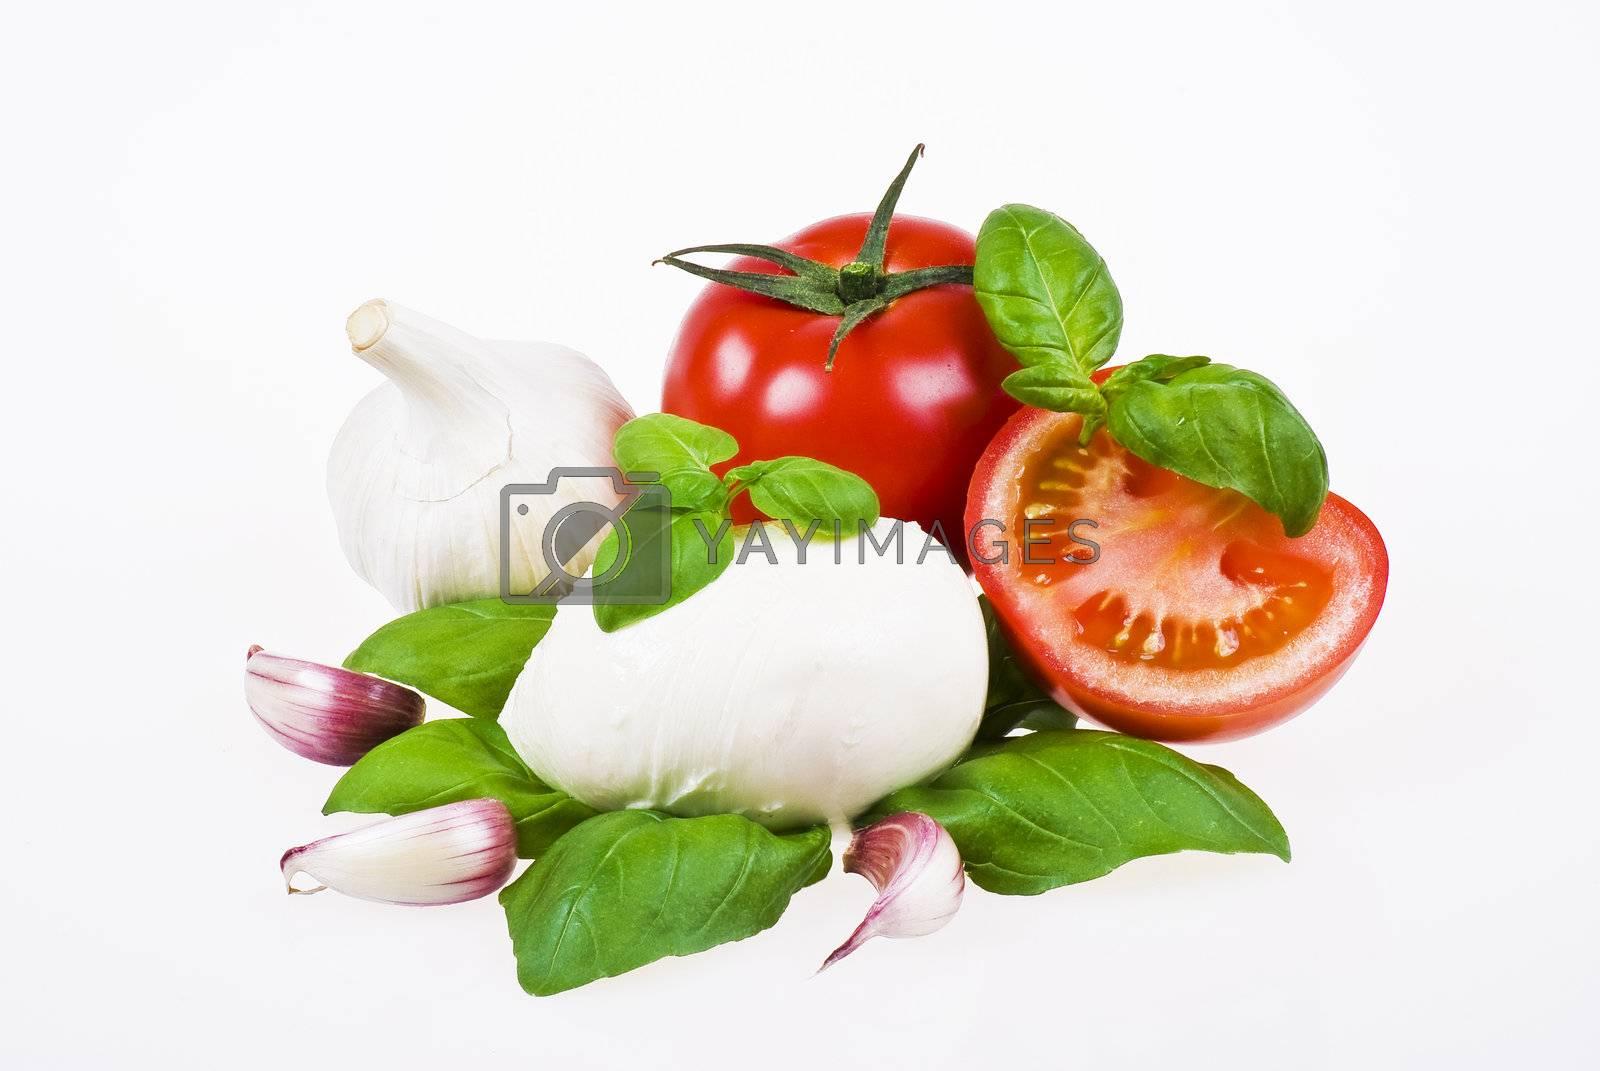 Tomatoes, mozzarella, basil and garlic by caldix